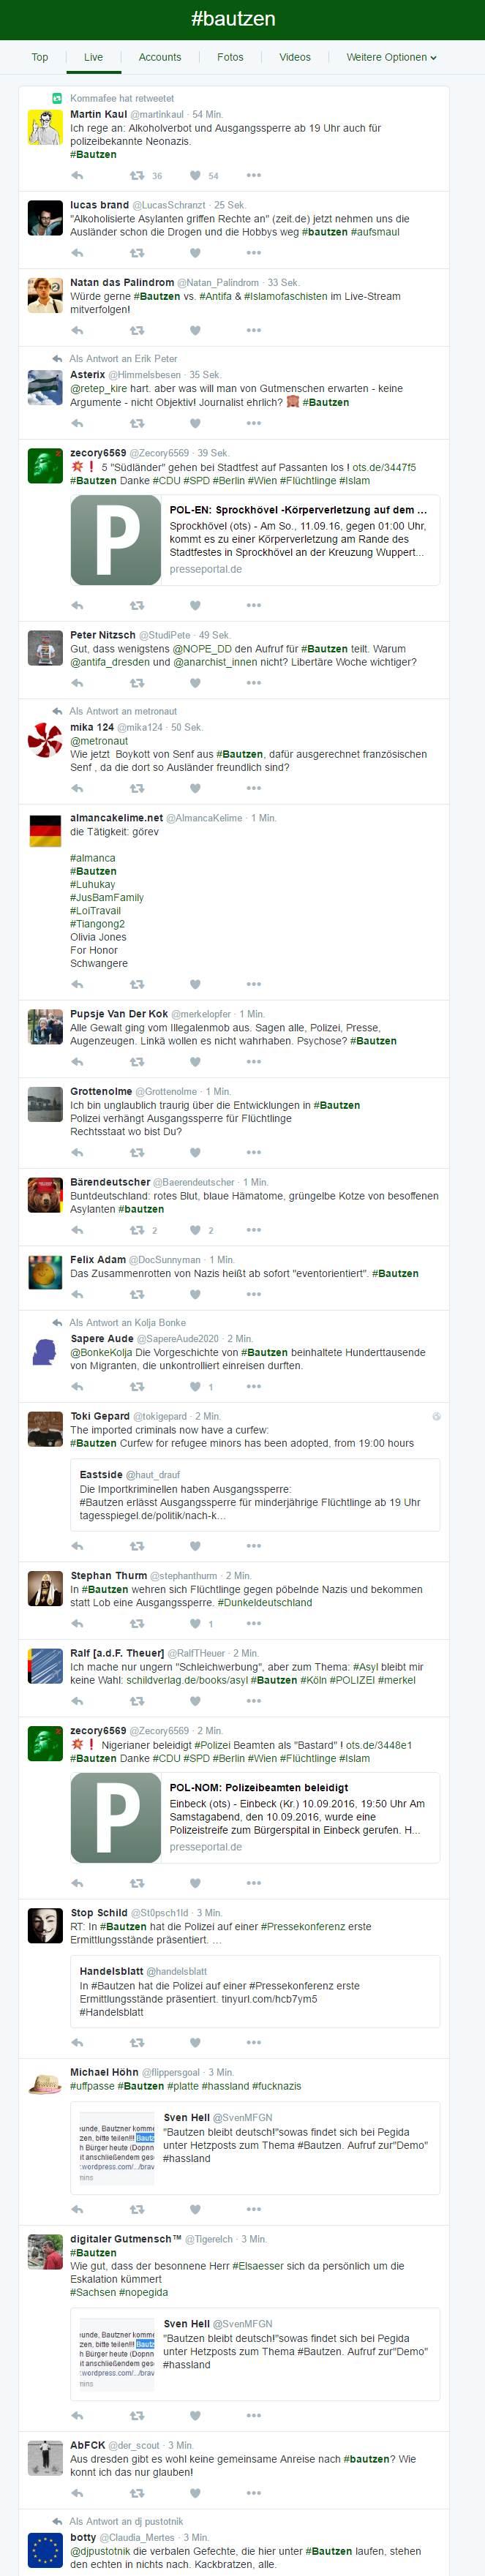 hashtag-bautzen